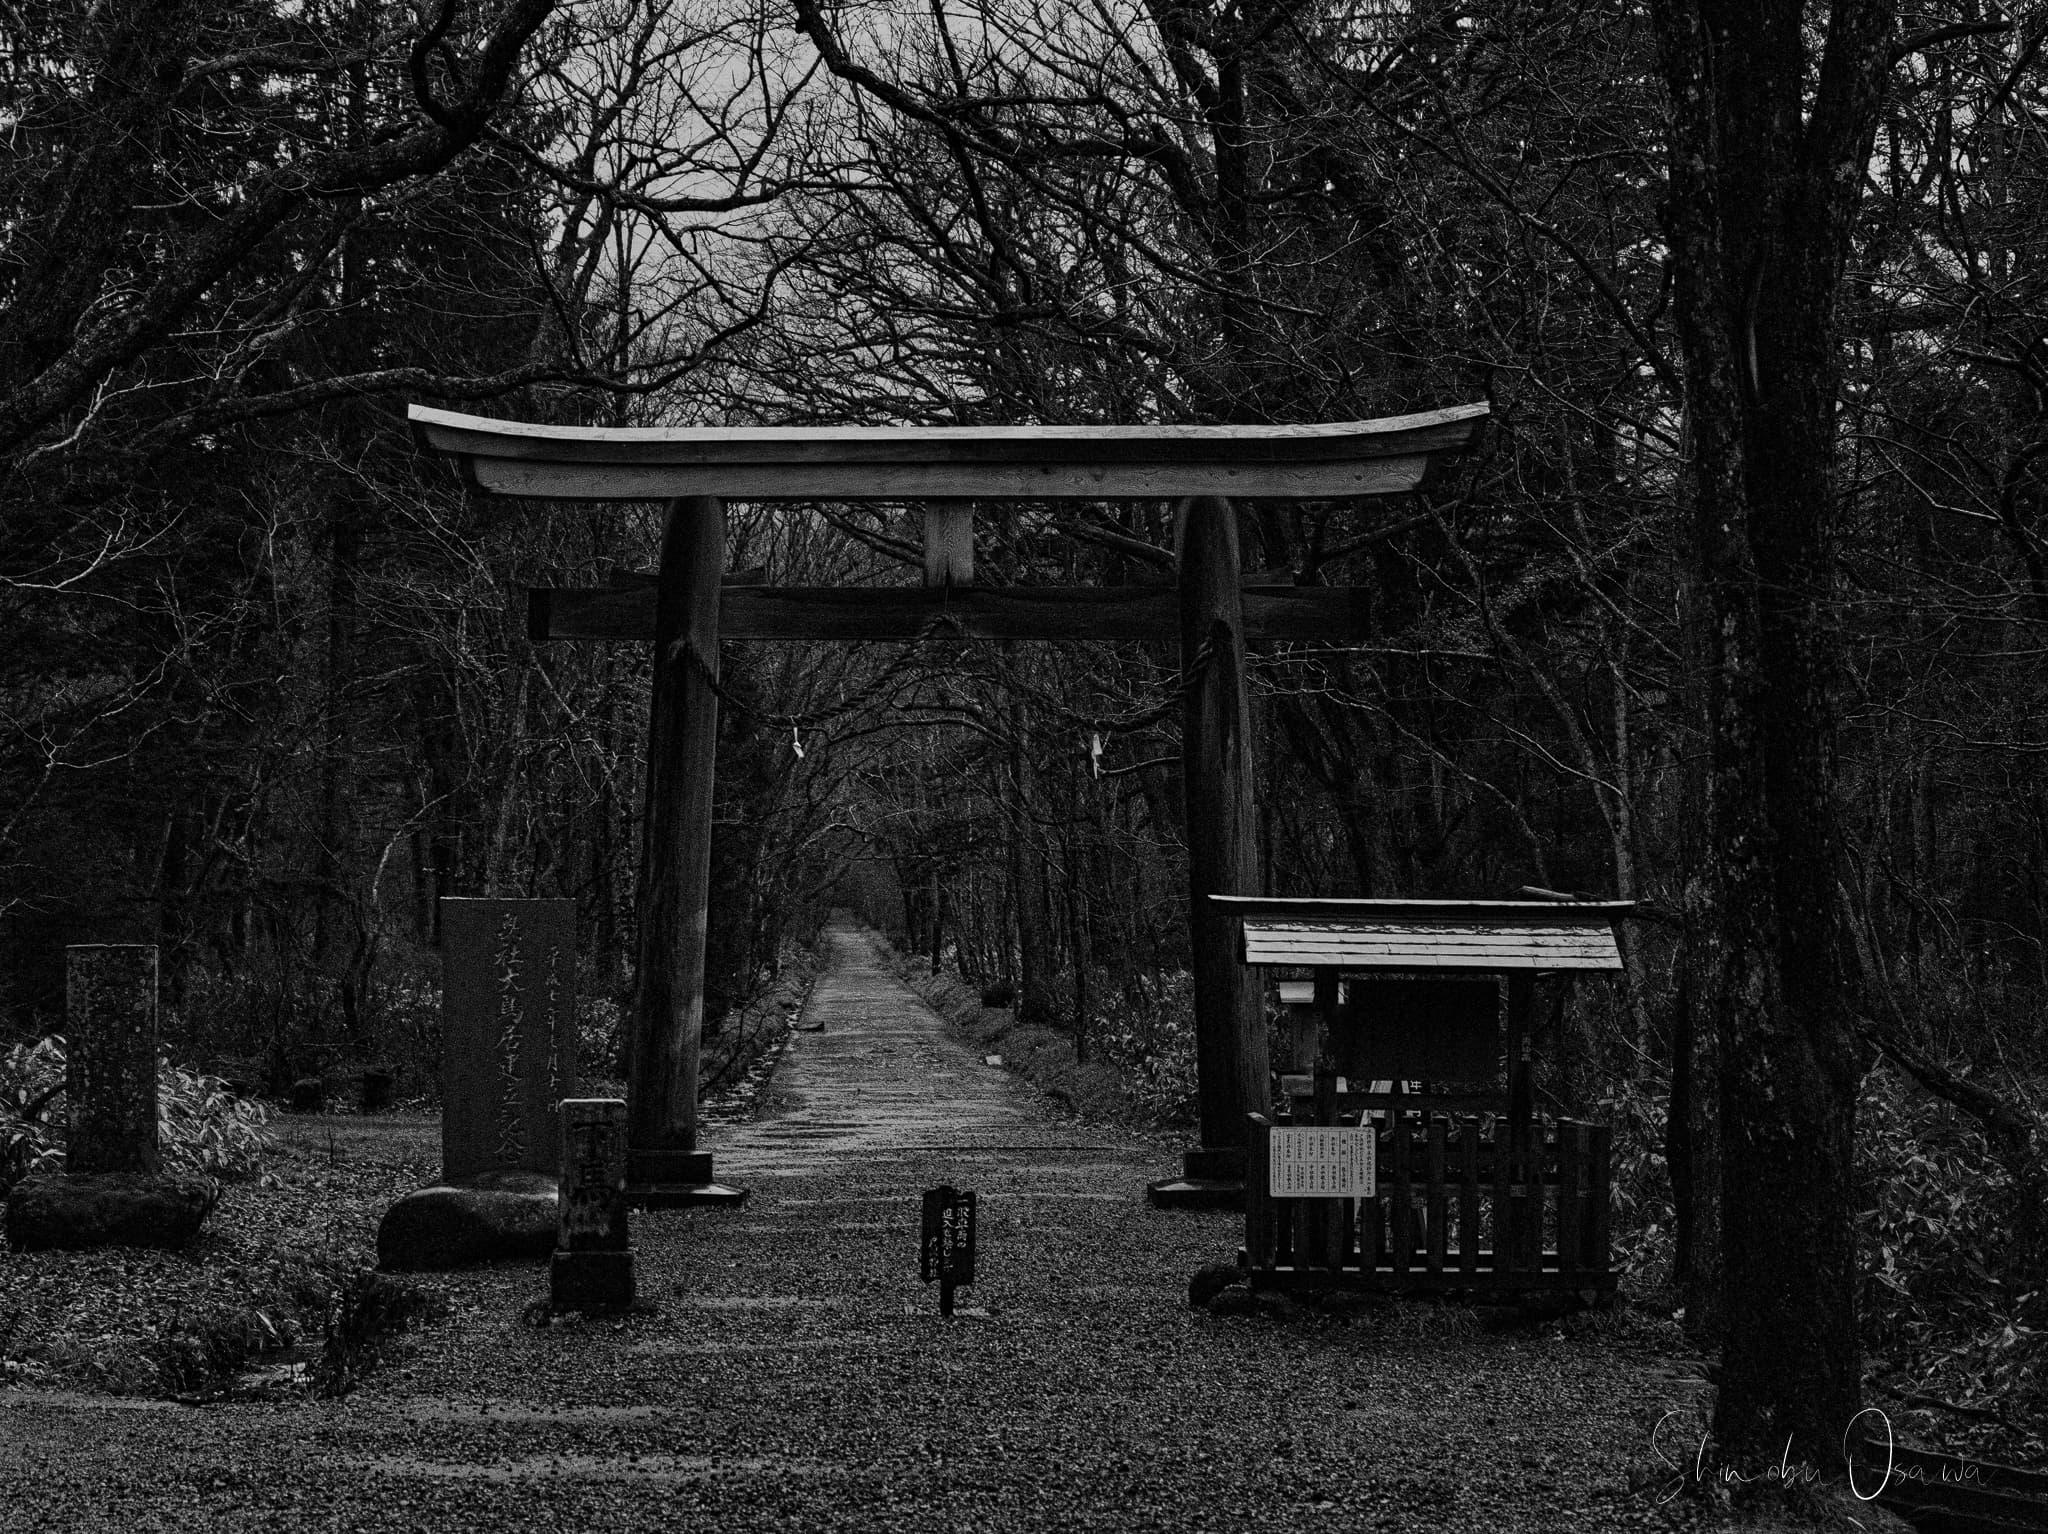 戸隠神社 奥社鳥居